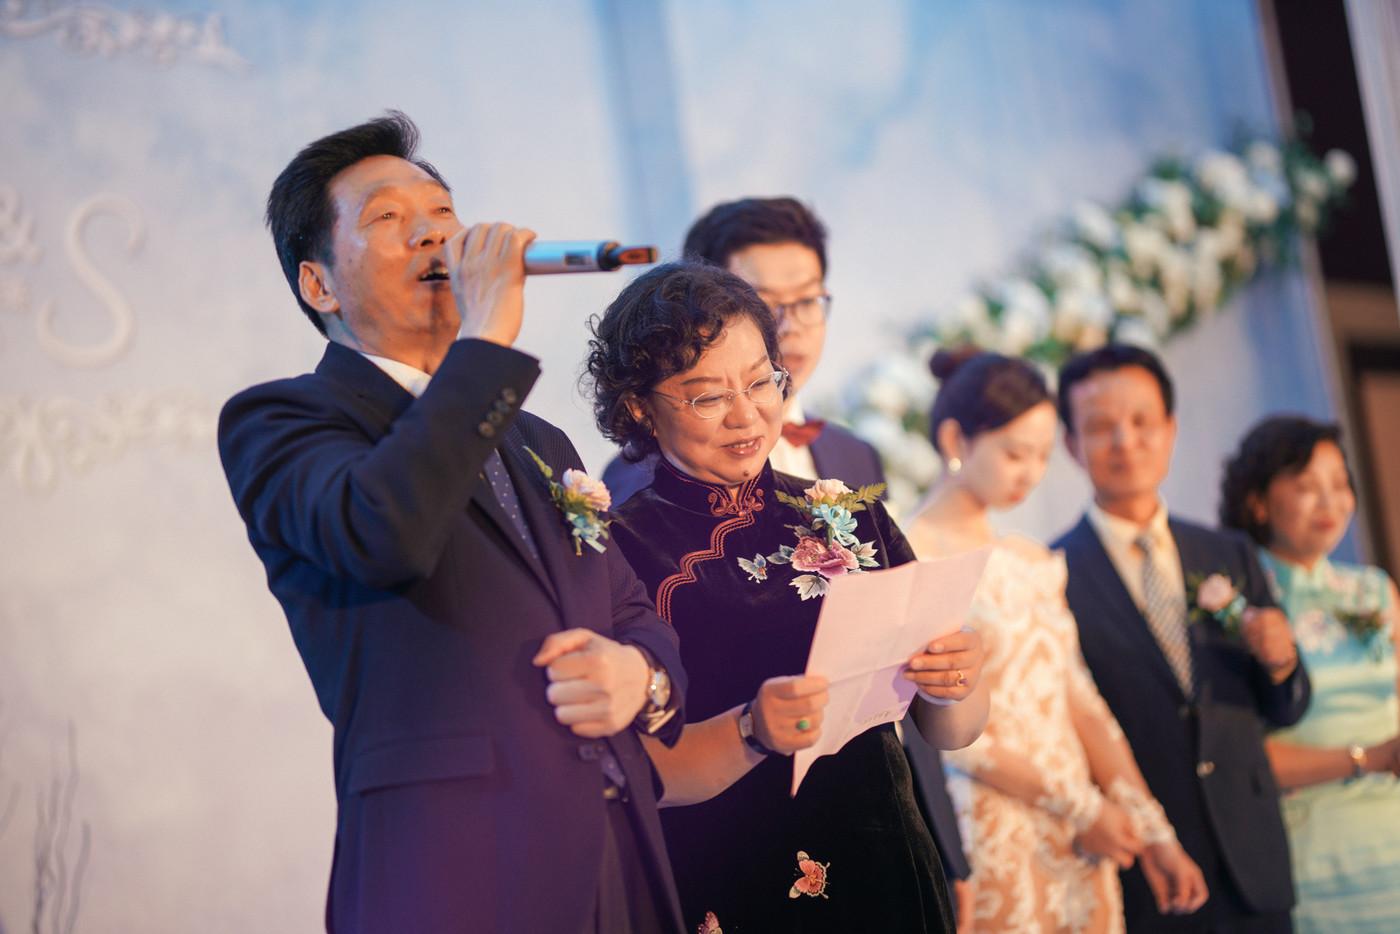 【KAI 婚礼纪实】P&S 南京婚礼63